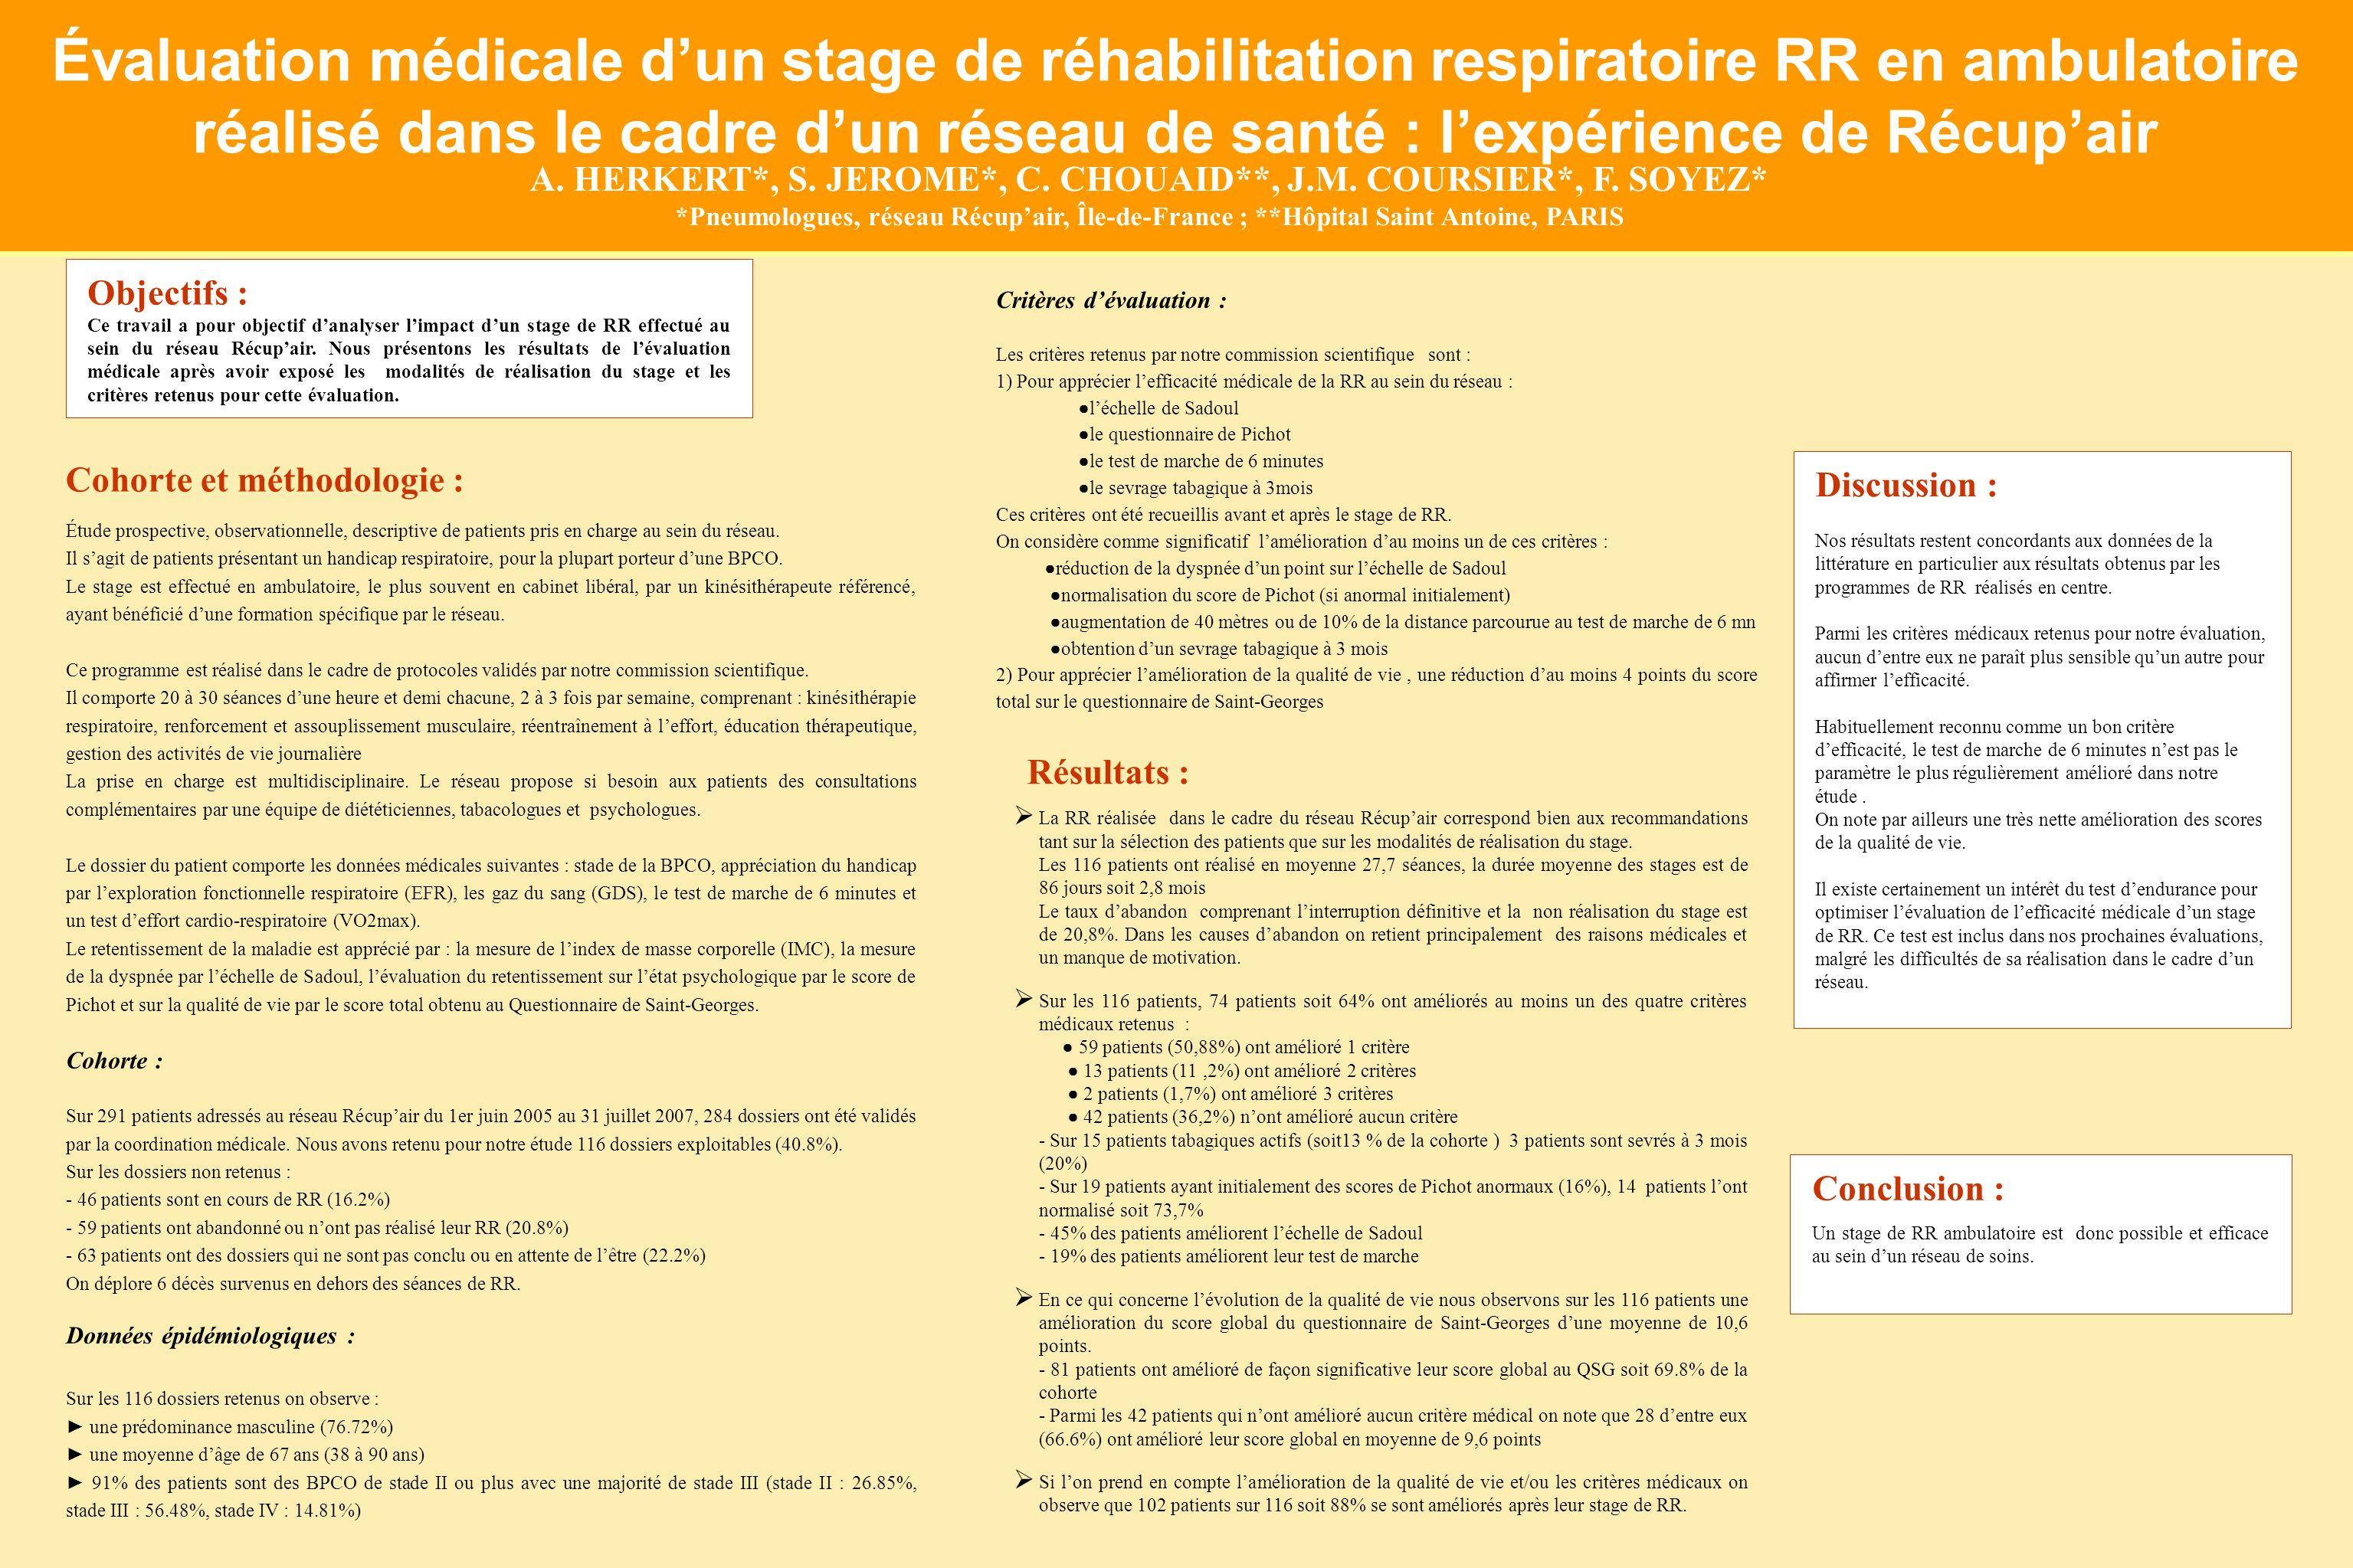 La RR réalisée dans le cadre du réseau Récupair correspond bien aux recommandations tant sur la sélection des patients que sur les modalités de réalisation du stage.